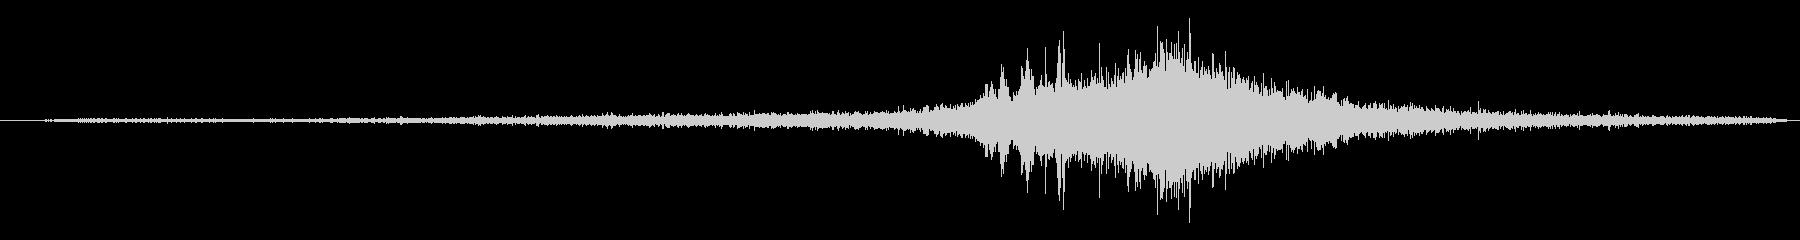 1978クライスラーコルドバ:ドラ...の未再生の波形